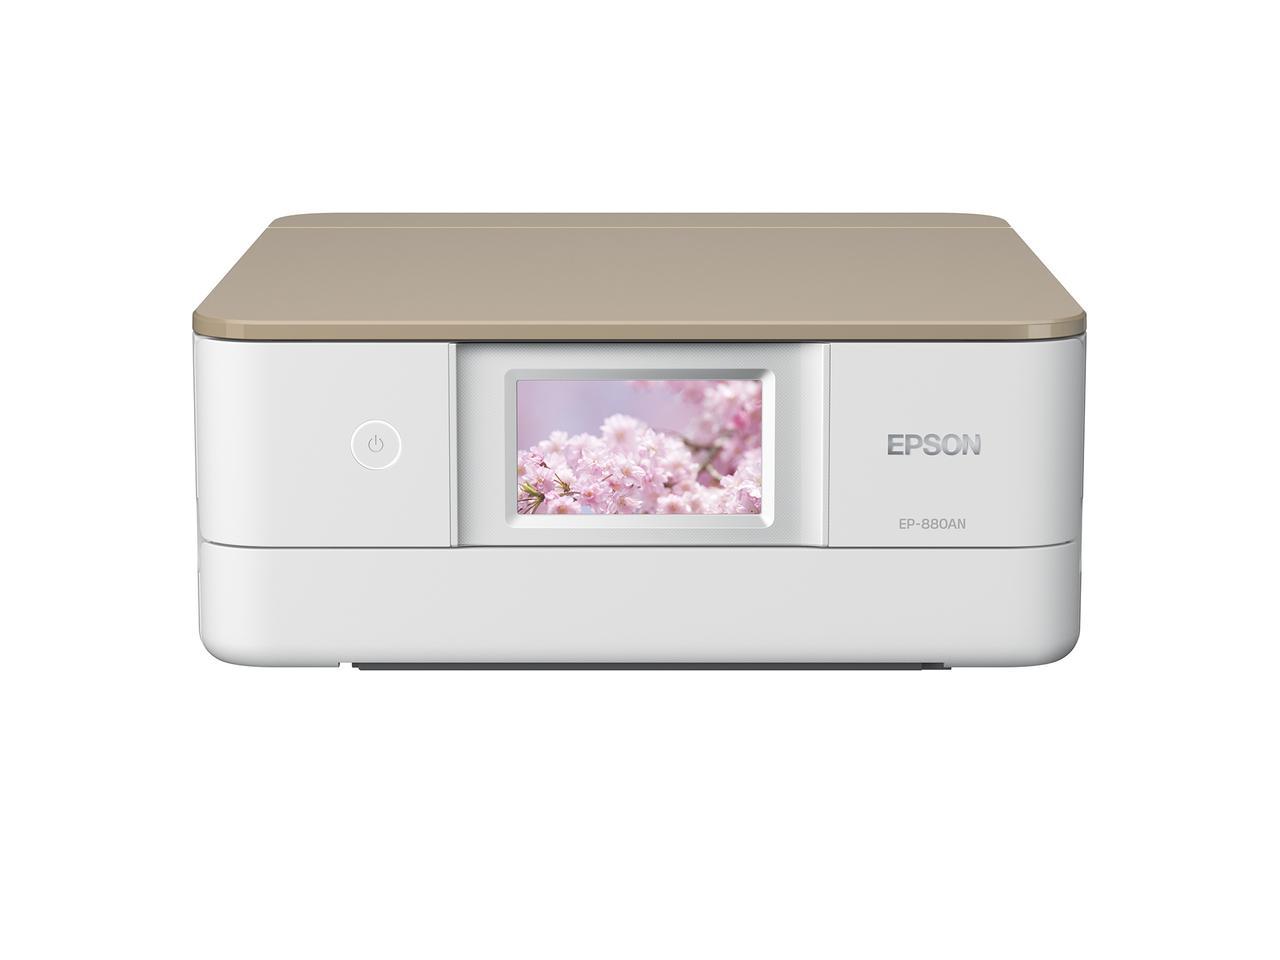 画像: ▲EP-880AN。トップカバーがベージュ、ボディがホワイトの上品なデザイン。従来モデルのEP-879Aでは2.7型だった液晶をEP-880Aでは4.3型ワイドタッチパネルに改良して文字も写真もさらに見やすくなっている。 www.epson.jp